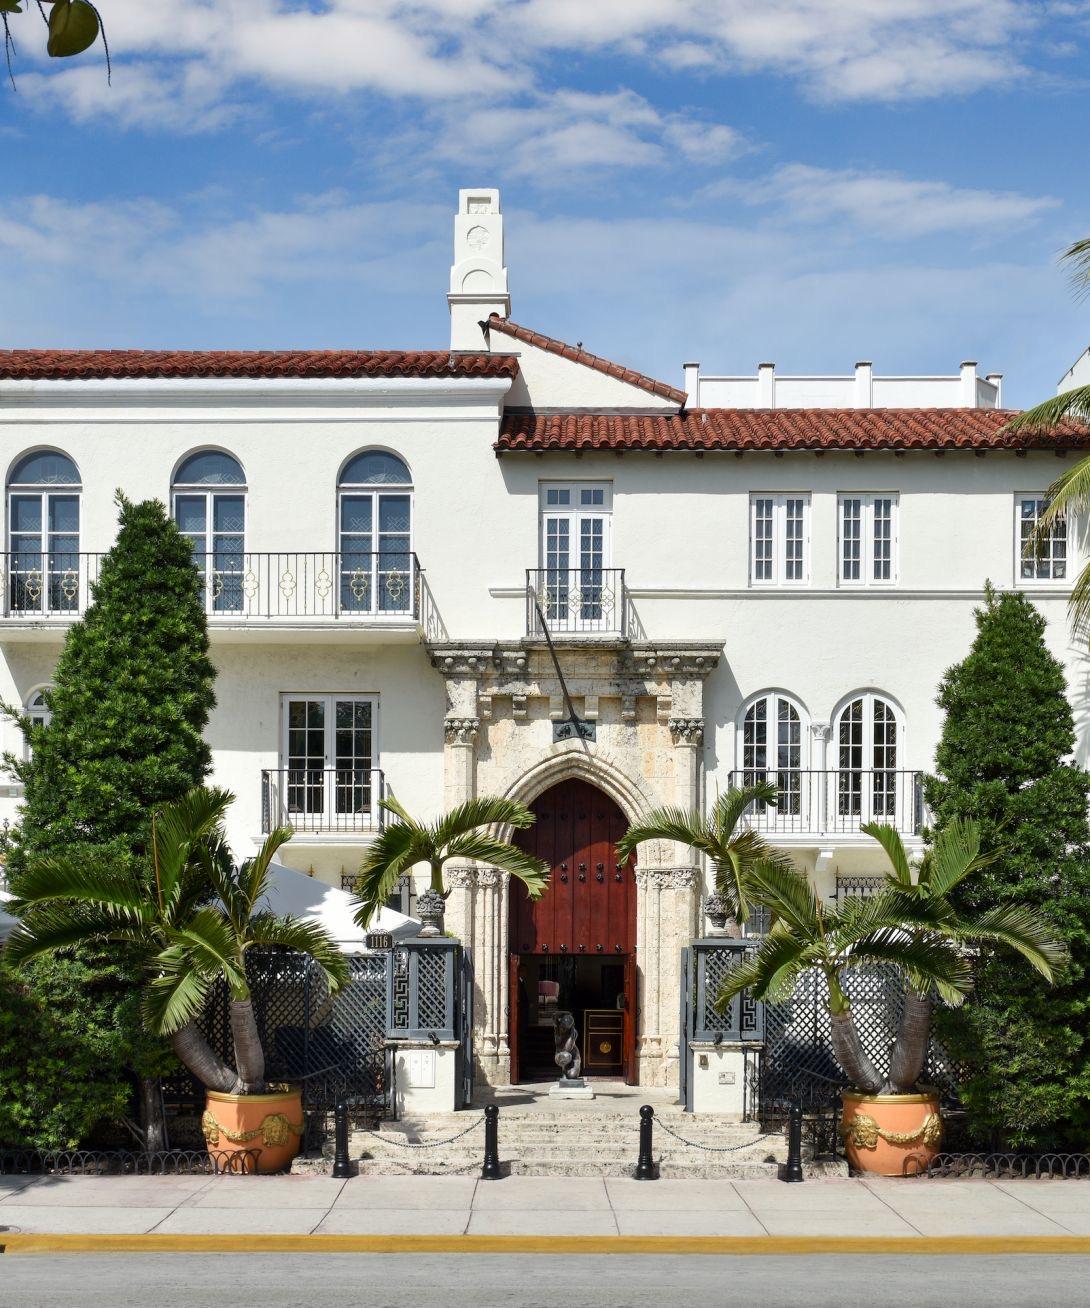 Mansión Versace Bella e imponente, la trágicamente famosa mansión del fallecido diseñador Gianni Versace, ahora llamada La Villa Casa Casuarina. Imposible transitar por Ocean Drive sin mirarla, y sentir siempre esa pena inmensa.Foto suministrada